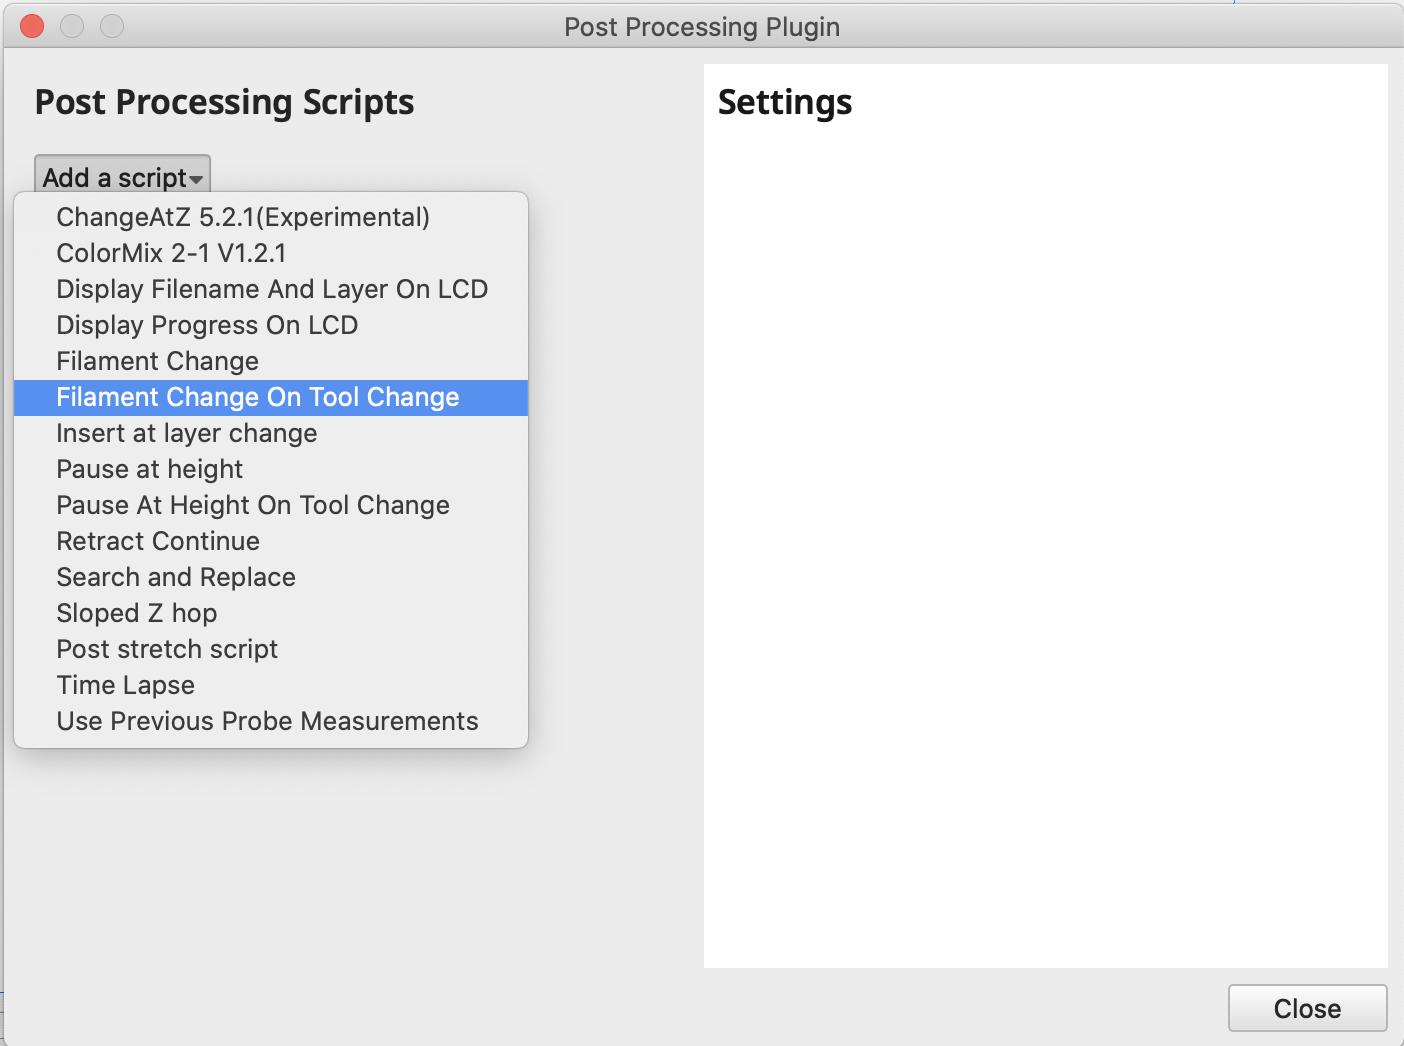 Cura post-processing scripts